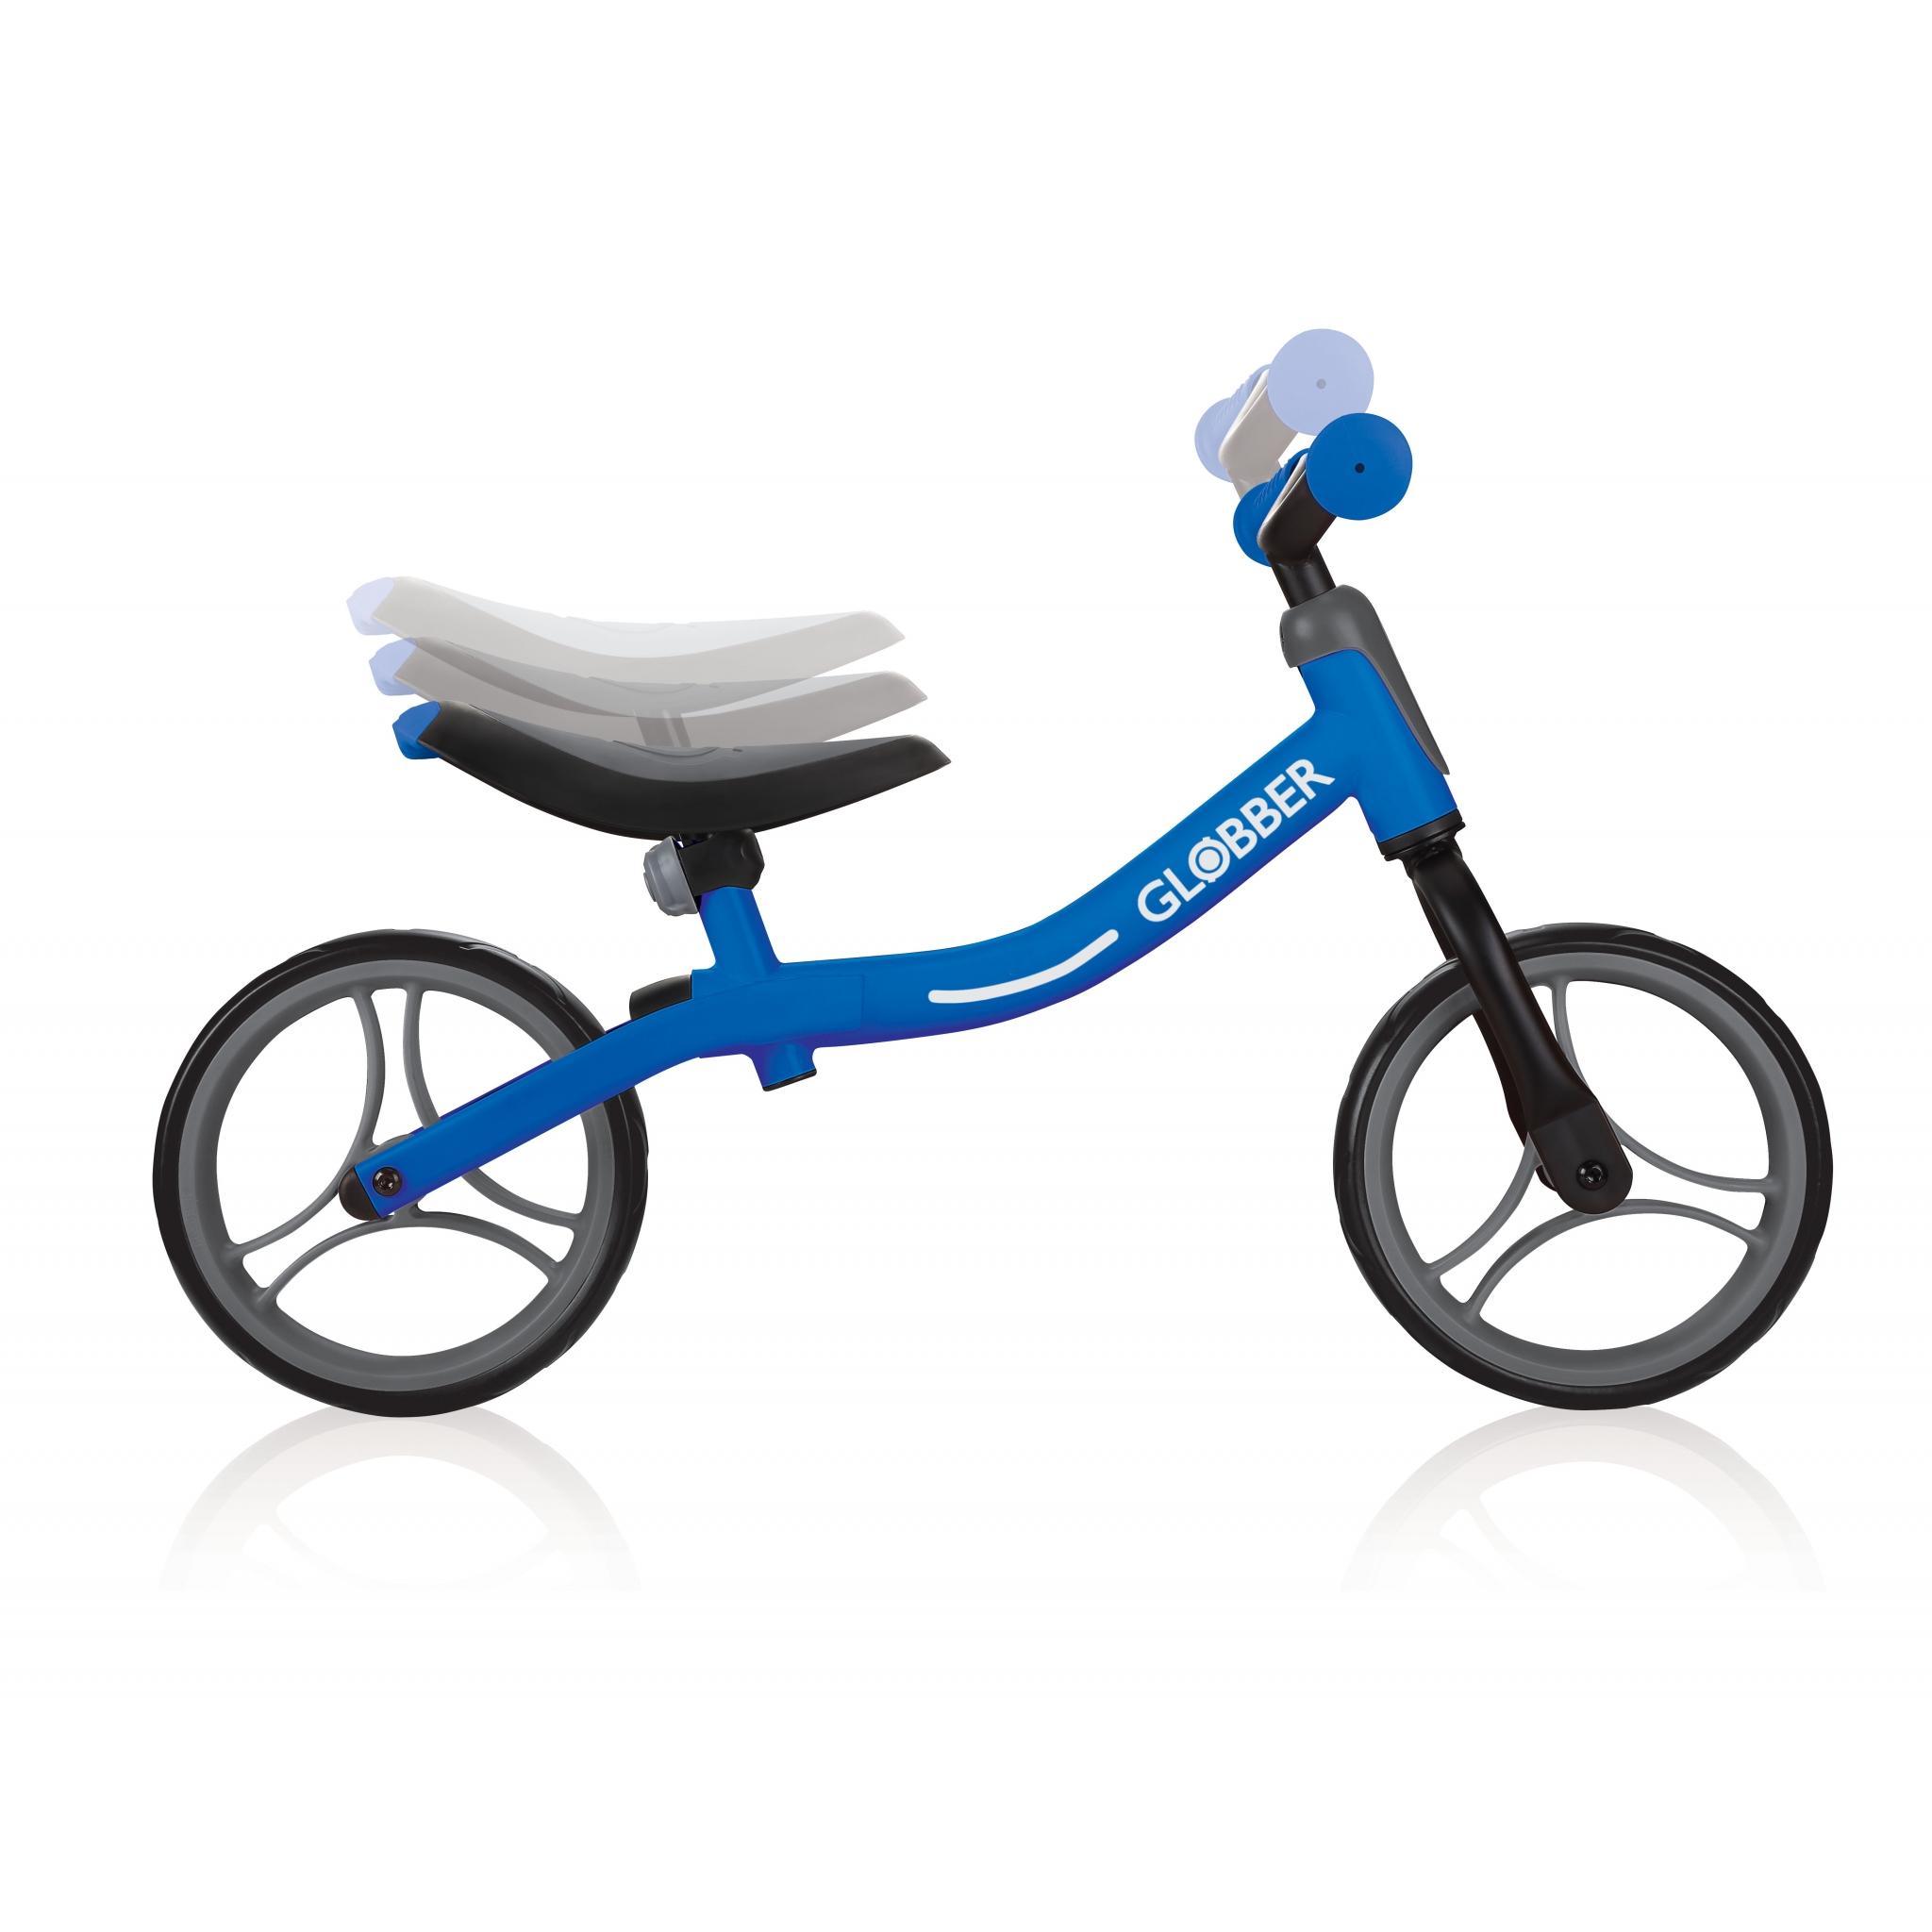 adjustable balance bike for toddlers - Globber GO BIKE 1